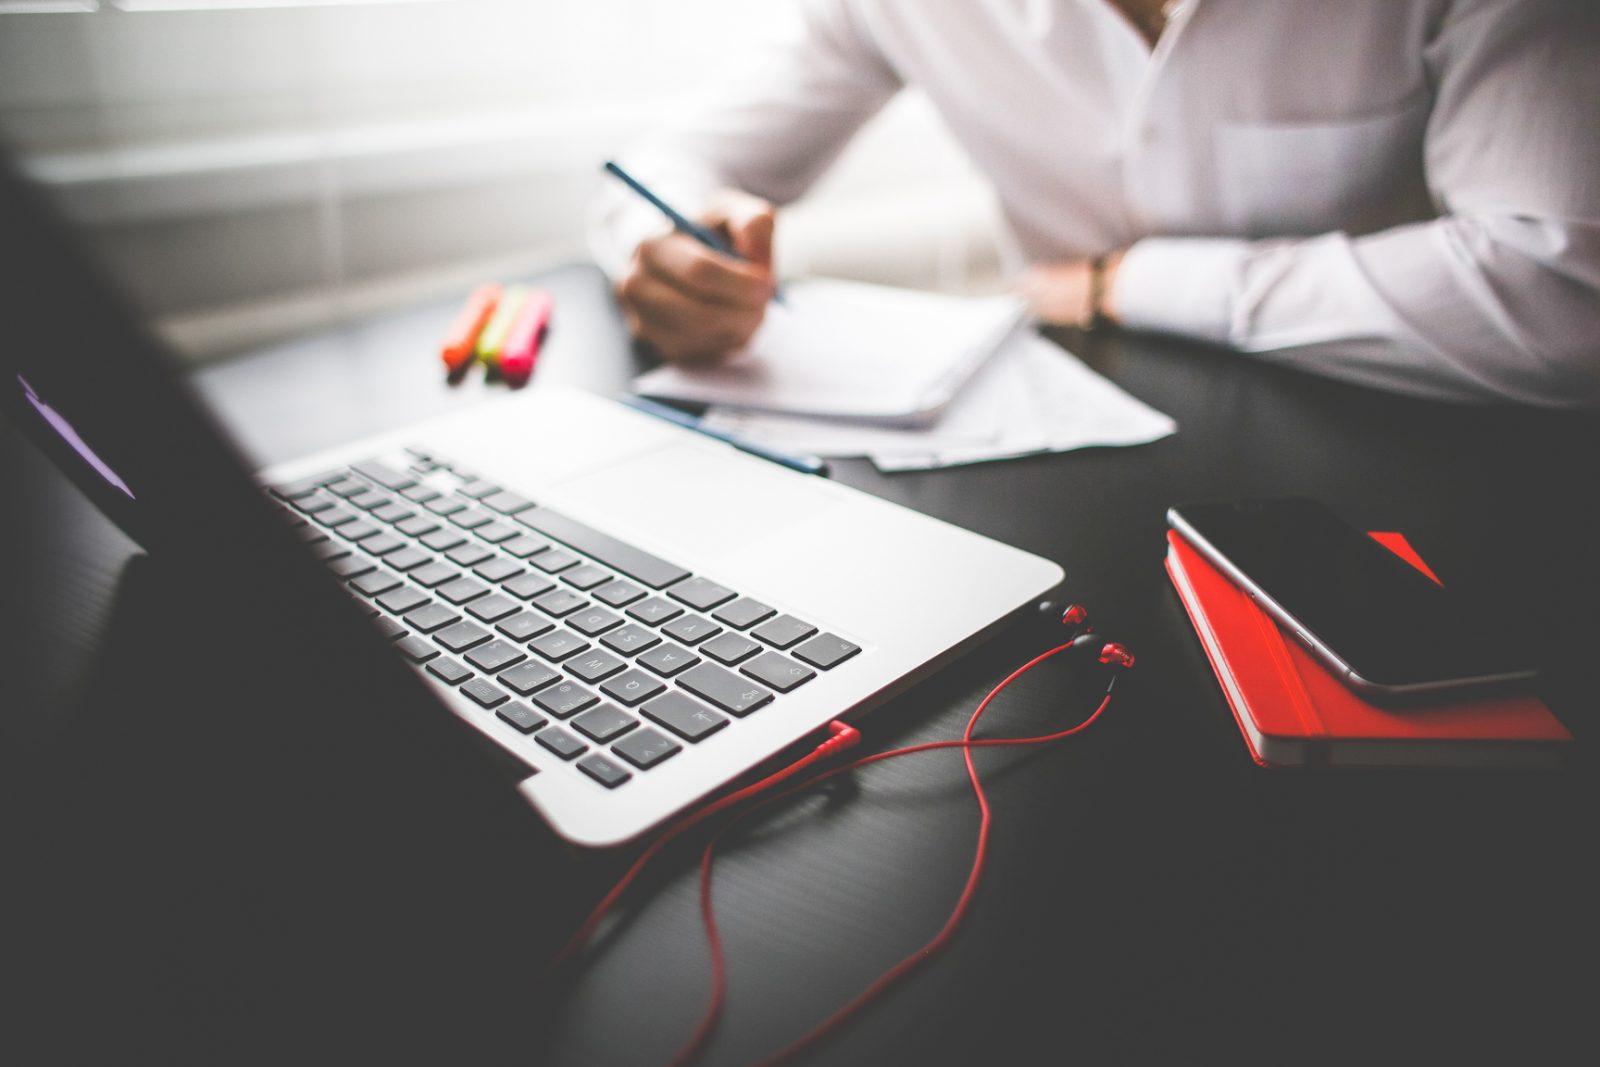 Мужчина сидит за столом с ноутбуком